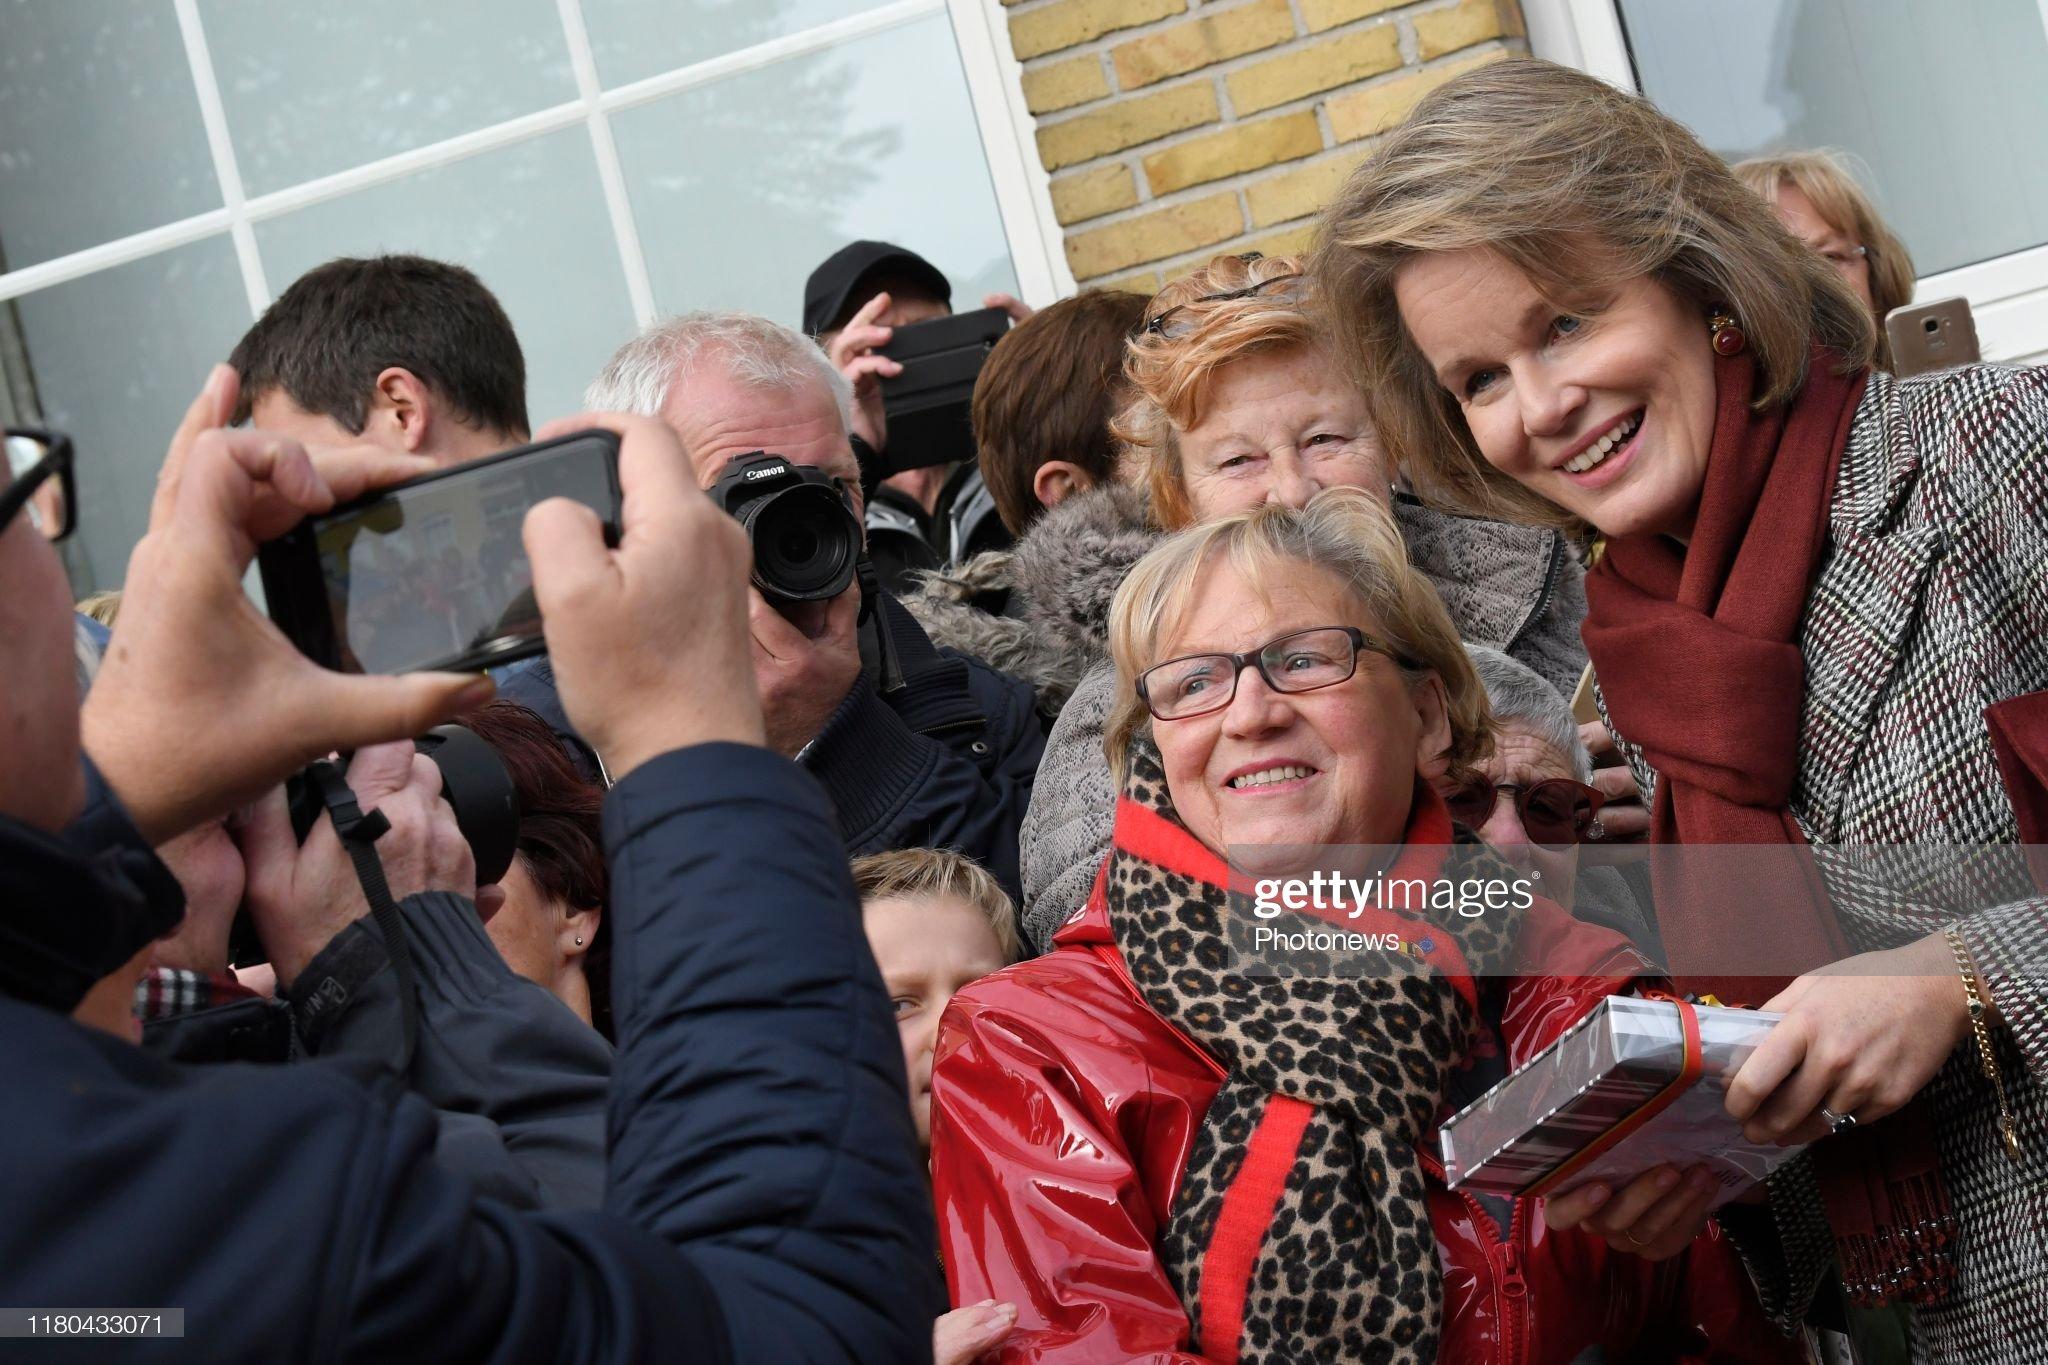 pittem-belgium-november-6-2019-ontmoeting-met-de-bevolking-rencontre-picture-id1180433071